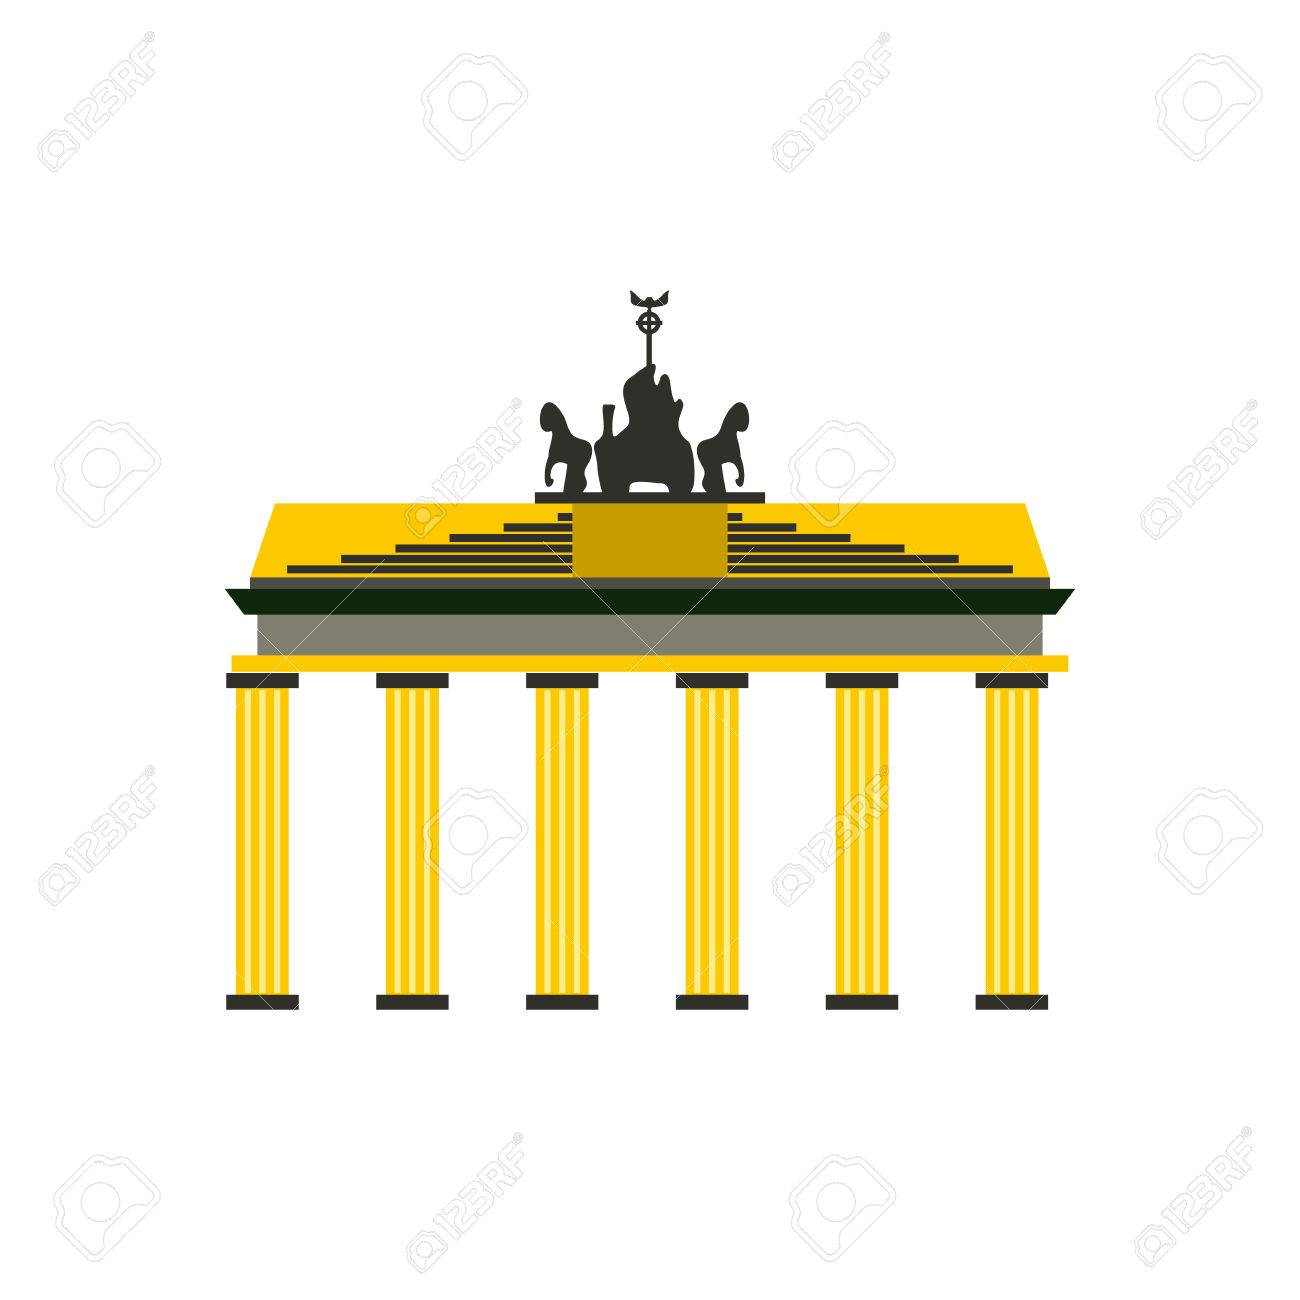 Brandenburger Tor Symbol In Flachen Stil Isoliert Auf Weissem Hintergrund Lizenzfrei Nutzbare Vektorgrafiken Clip Arts Illustrationen Image 54171801